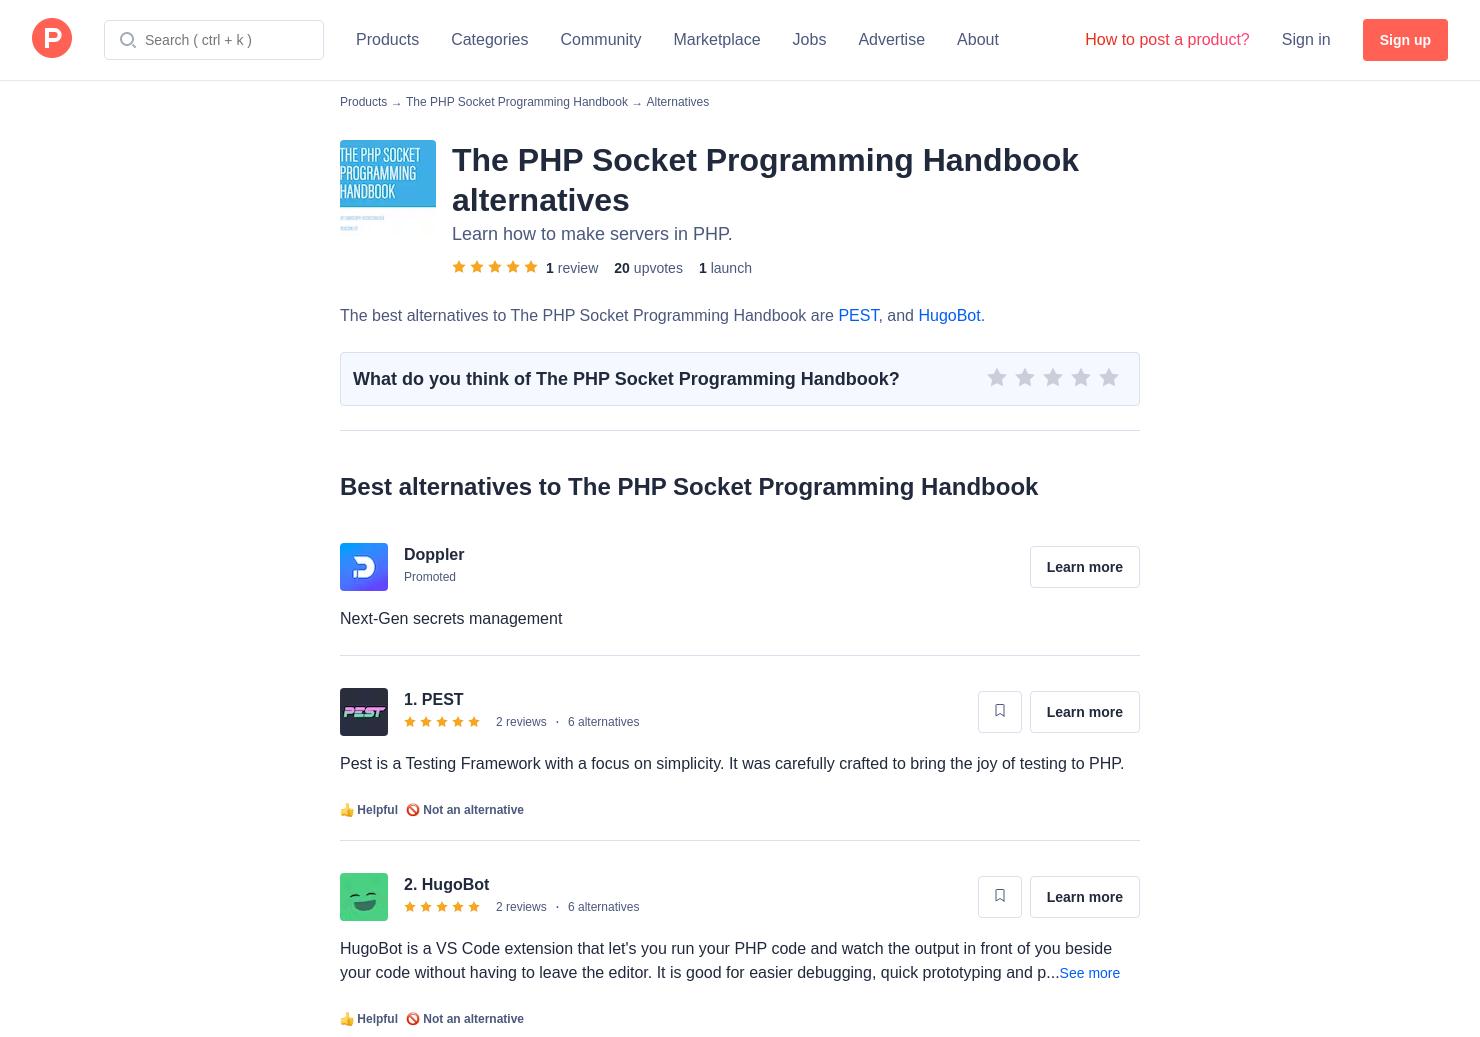 2 Alternatives to The PHP Socket Programming Handbook